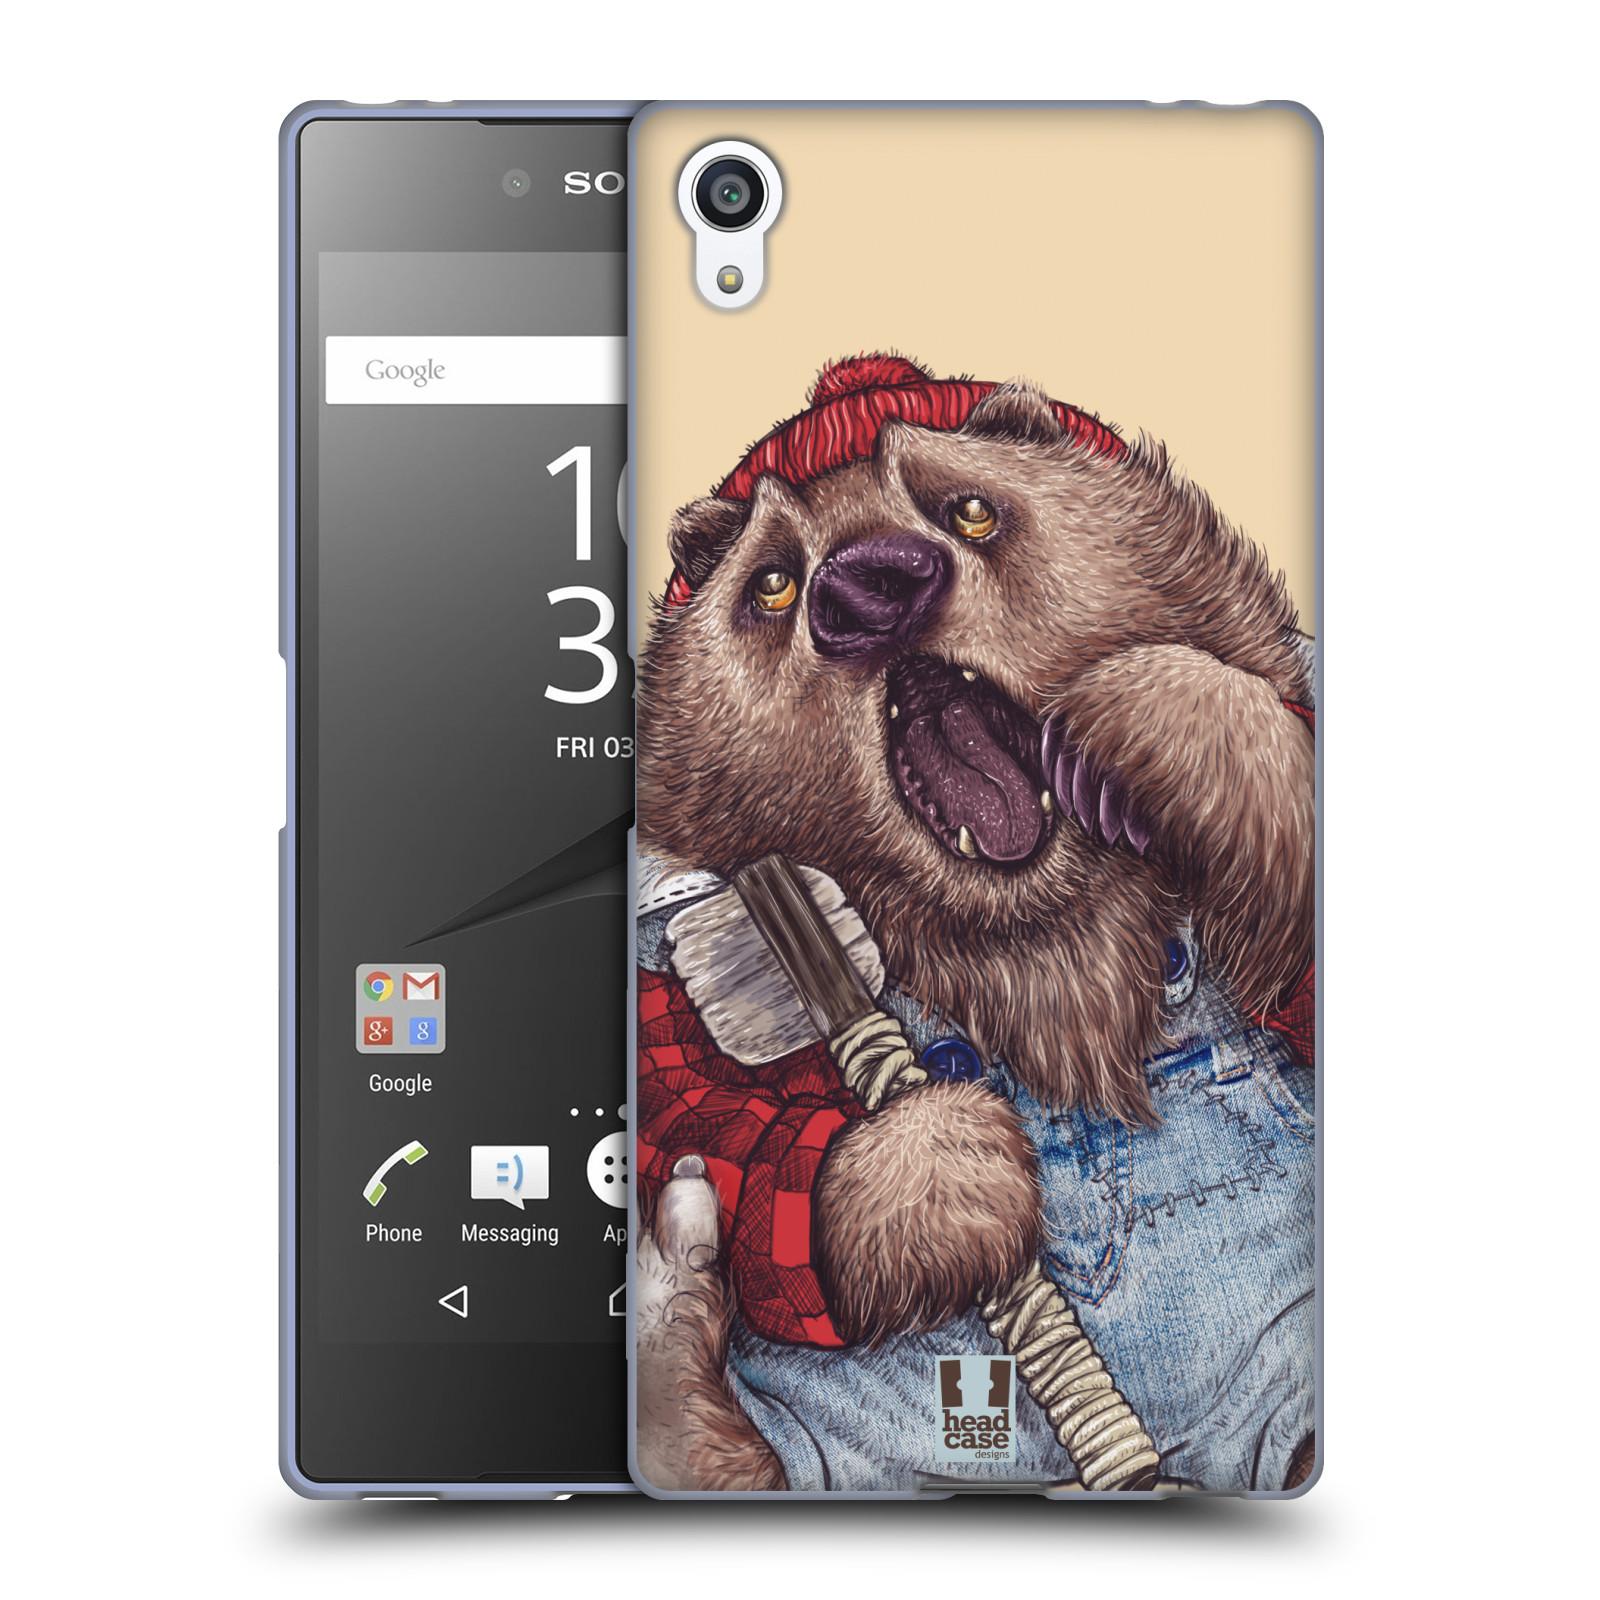 Silikonové pouzdro na mobil Sony Xperia Z5 Premium HEAD CASE ANIMPLA MEDVĚD